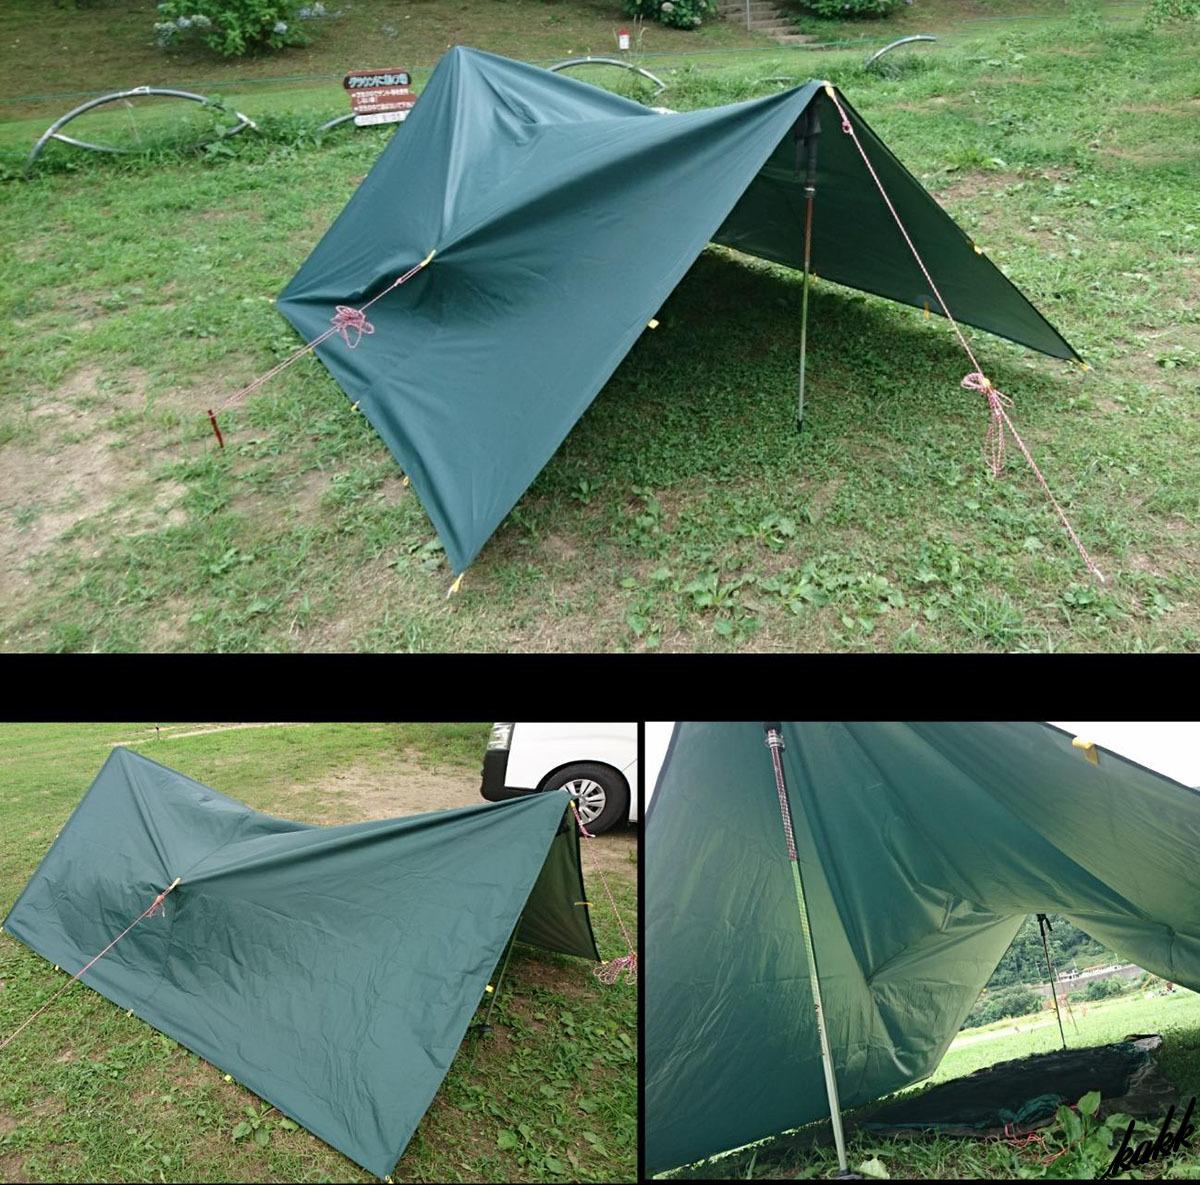 【防水 天幕シェード】 グリーン 300×300cm タープ 紫外線カット 遮光 日差し防止 軽量 コンパクト キャンプ道具 アウトドア ツーリング